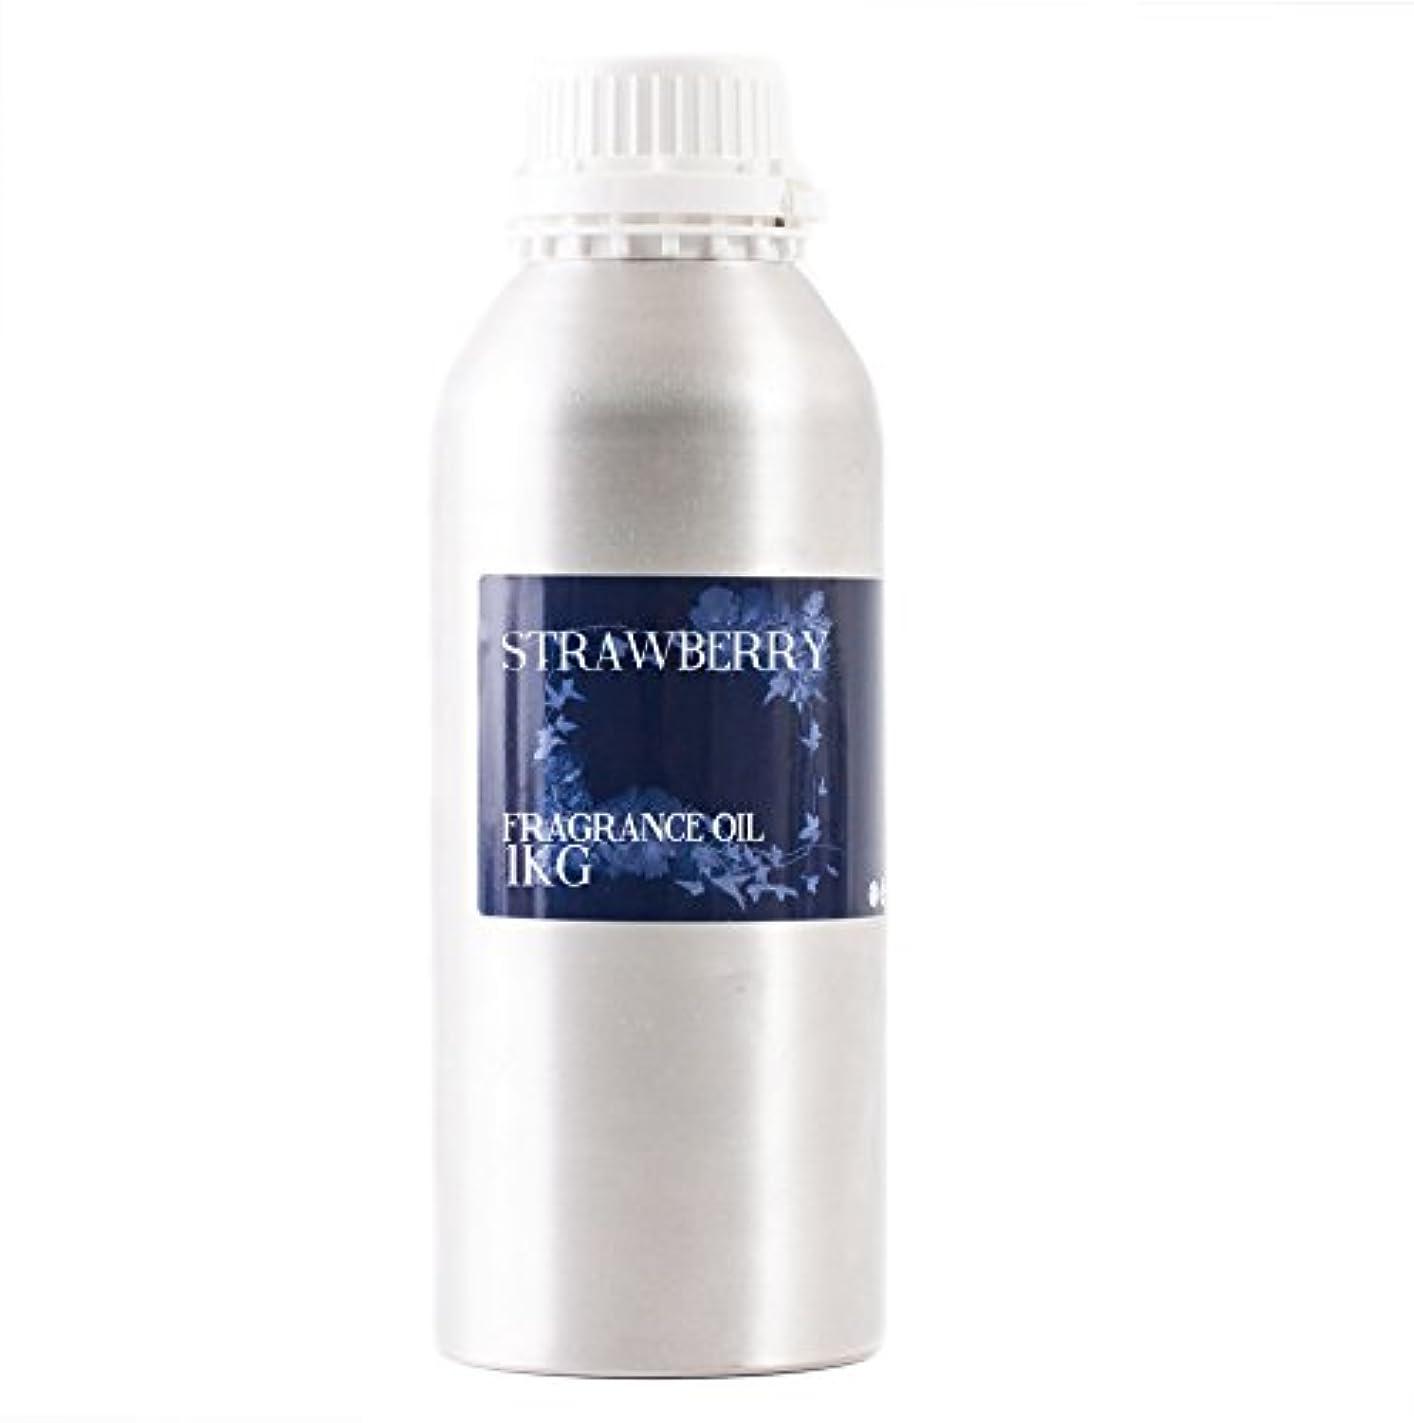 俳優ブロー手を差し伸べるMystic Moments | Strawberry Fragrance Oil - 1Kg